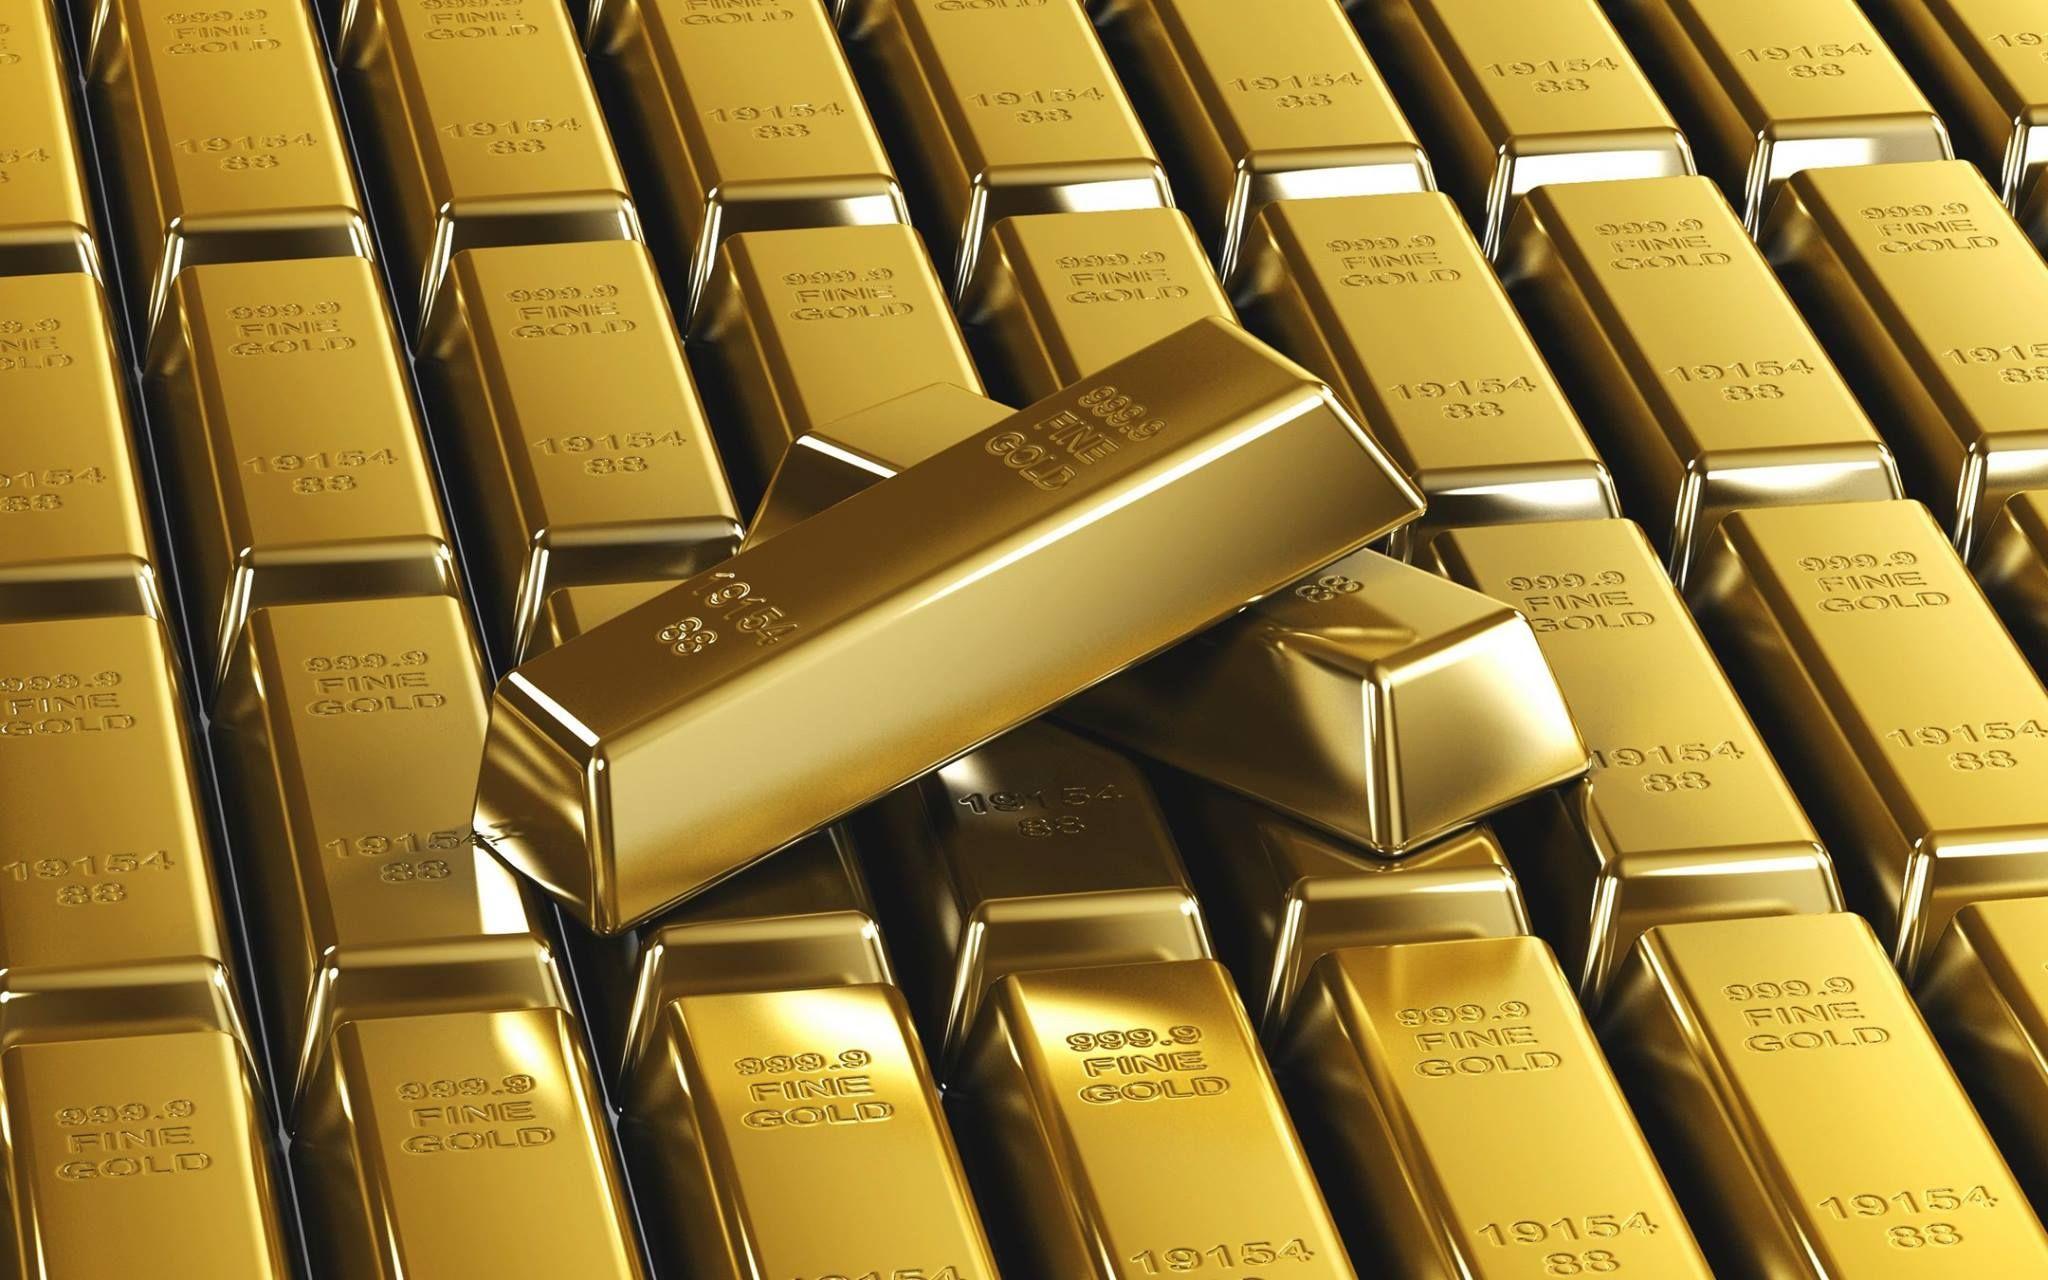 Los lingotes de oro están exentos de IVA a particulares y empresas